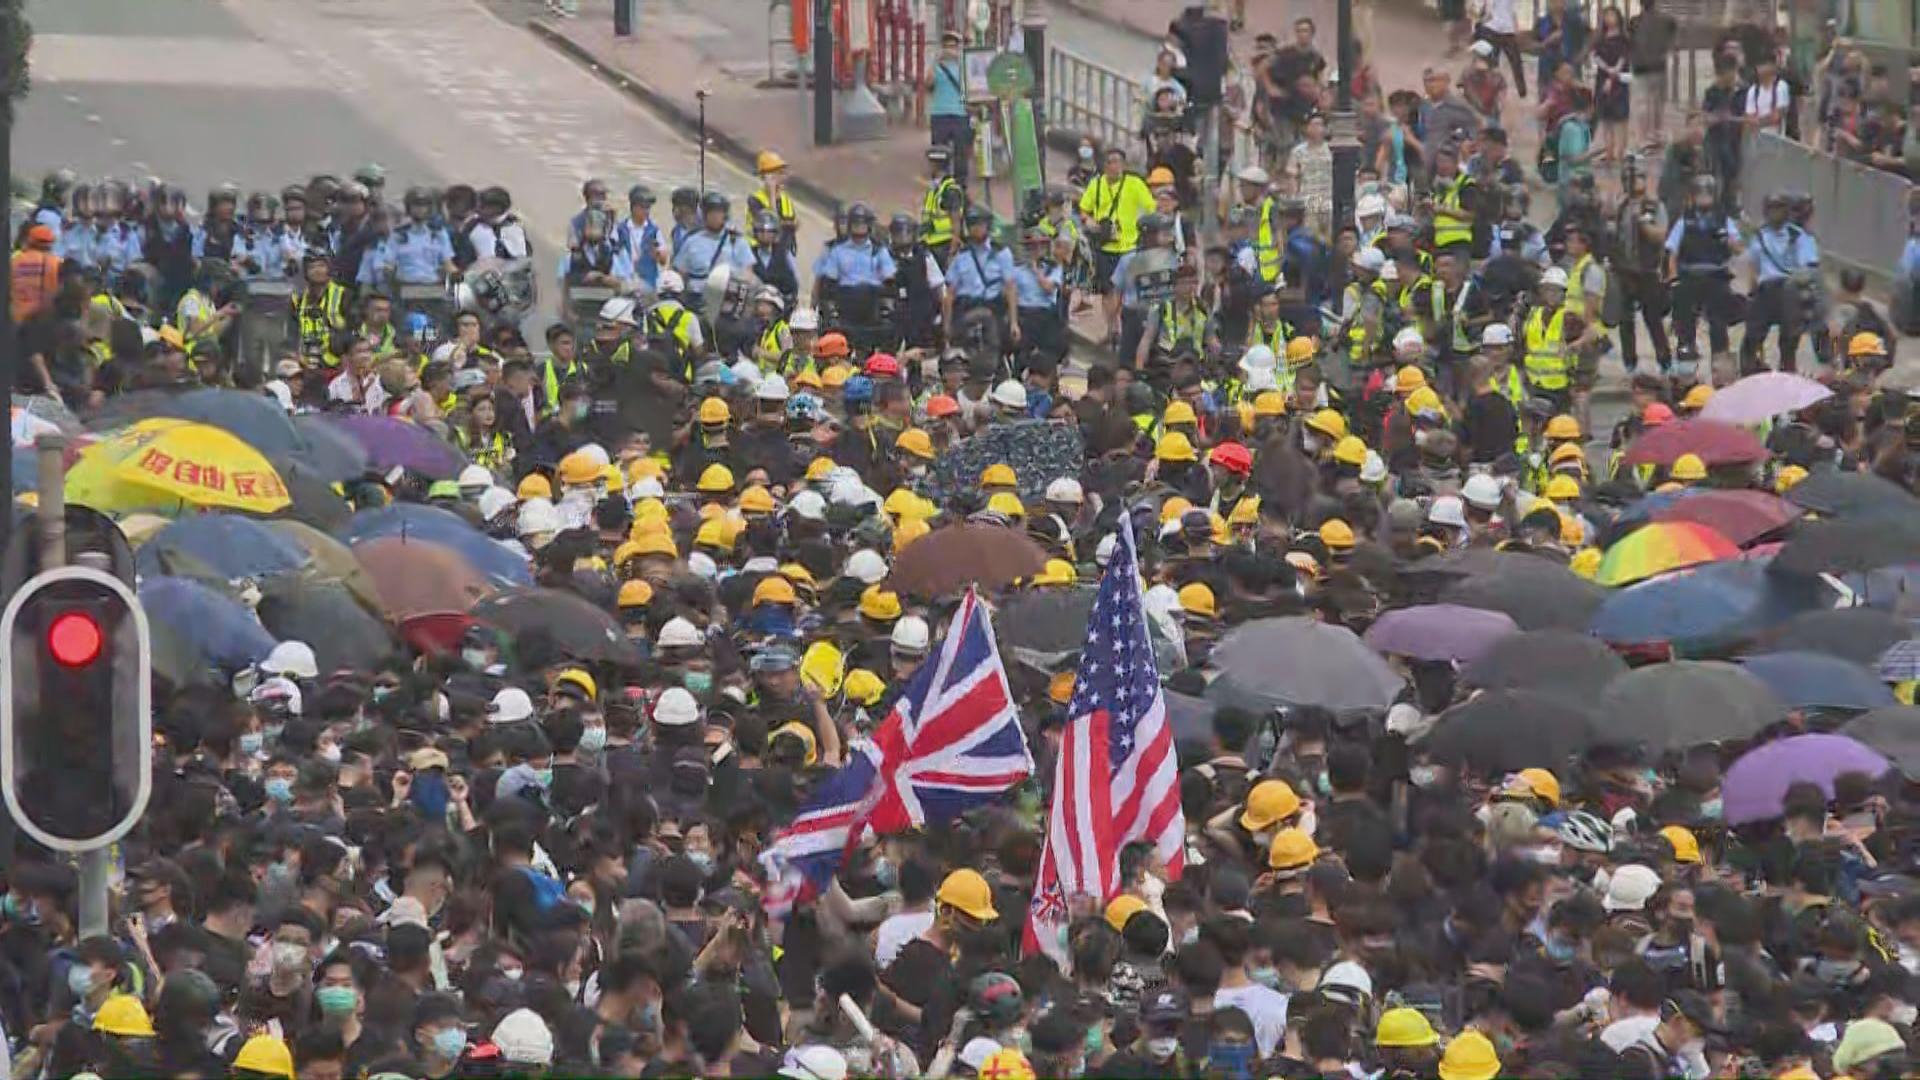 【現場報道‧源禾路】警方與示威者對峙